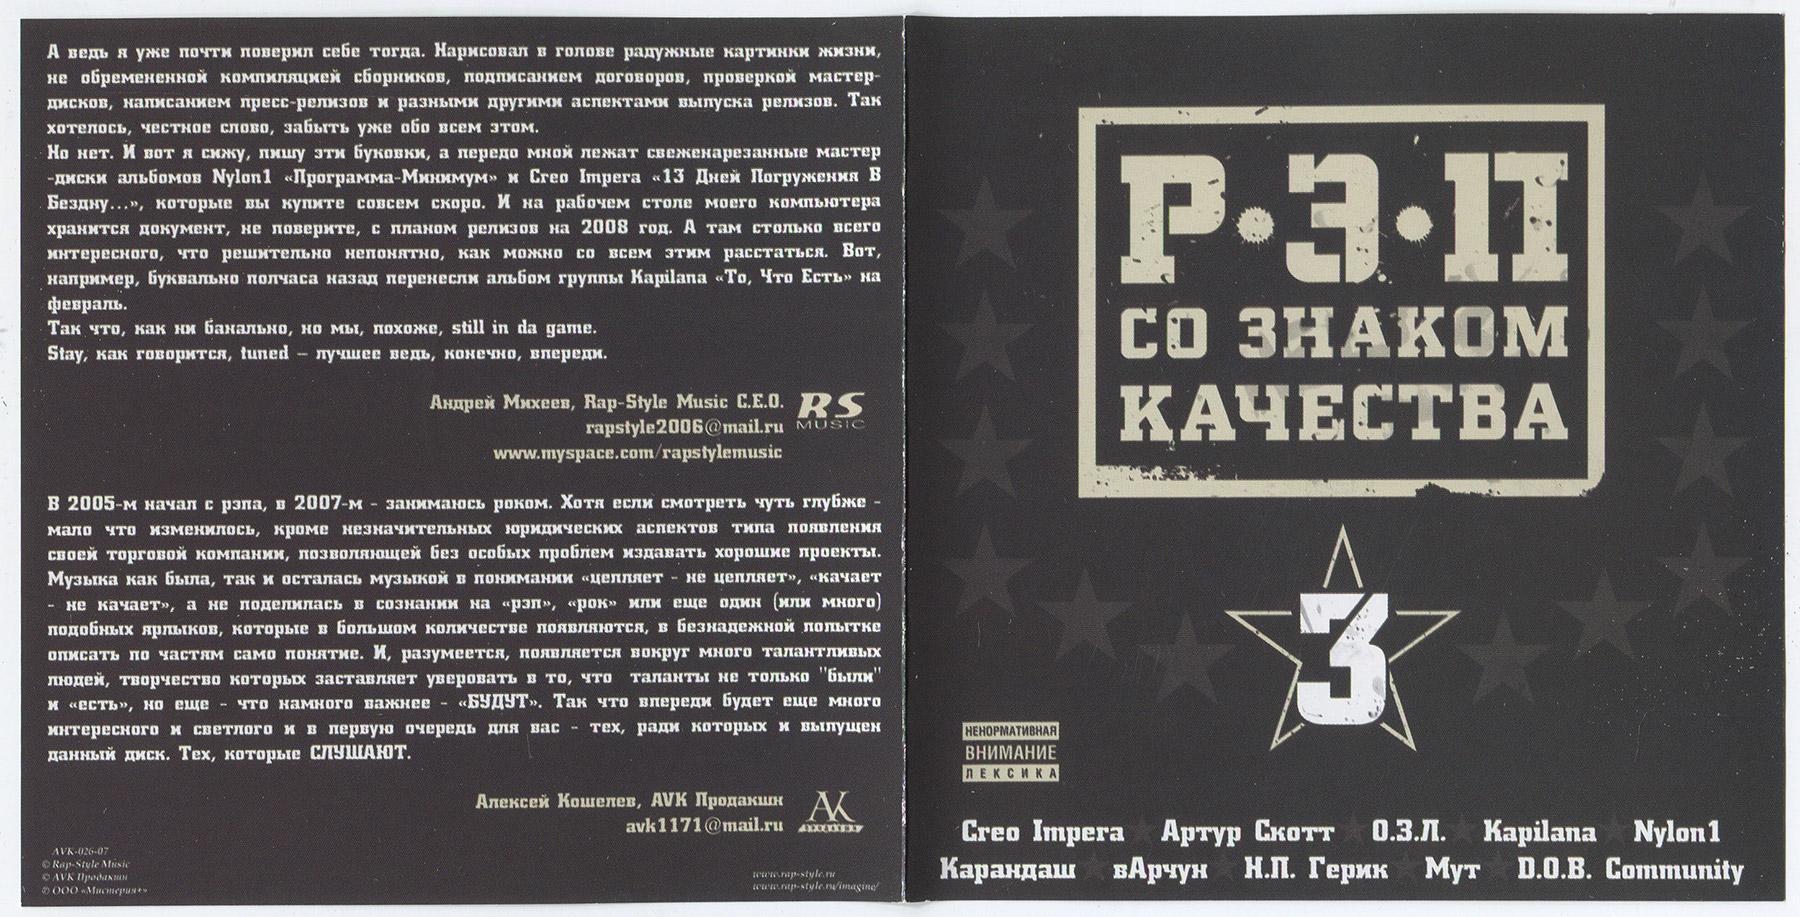 Порно / Моя жена с лесбиянкой / Популярные / 1 /